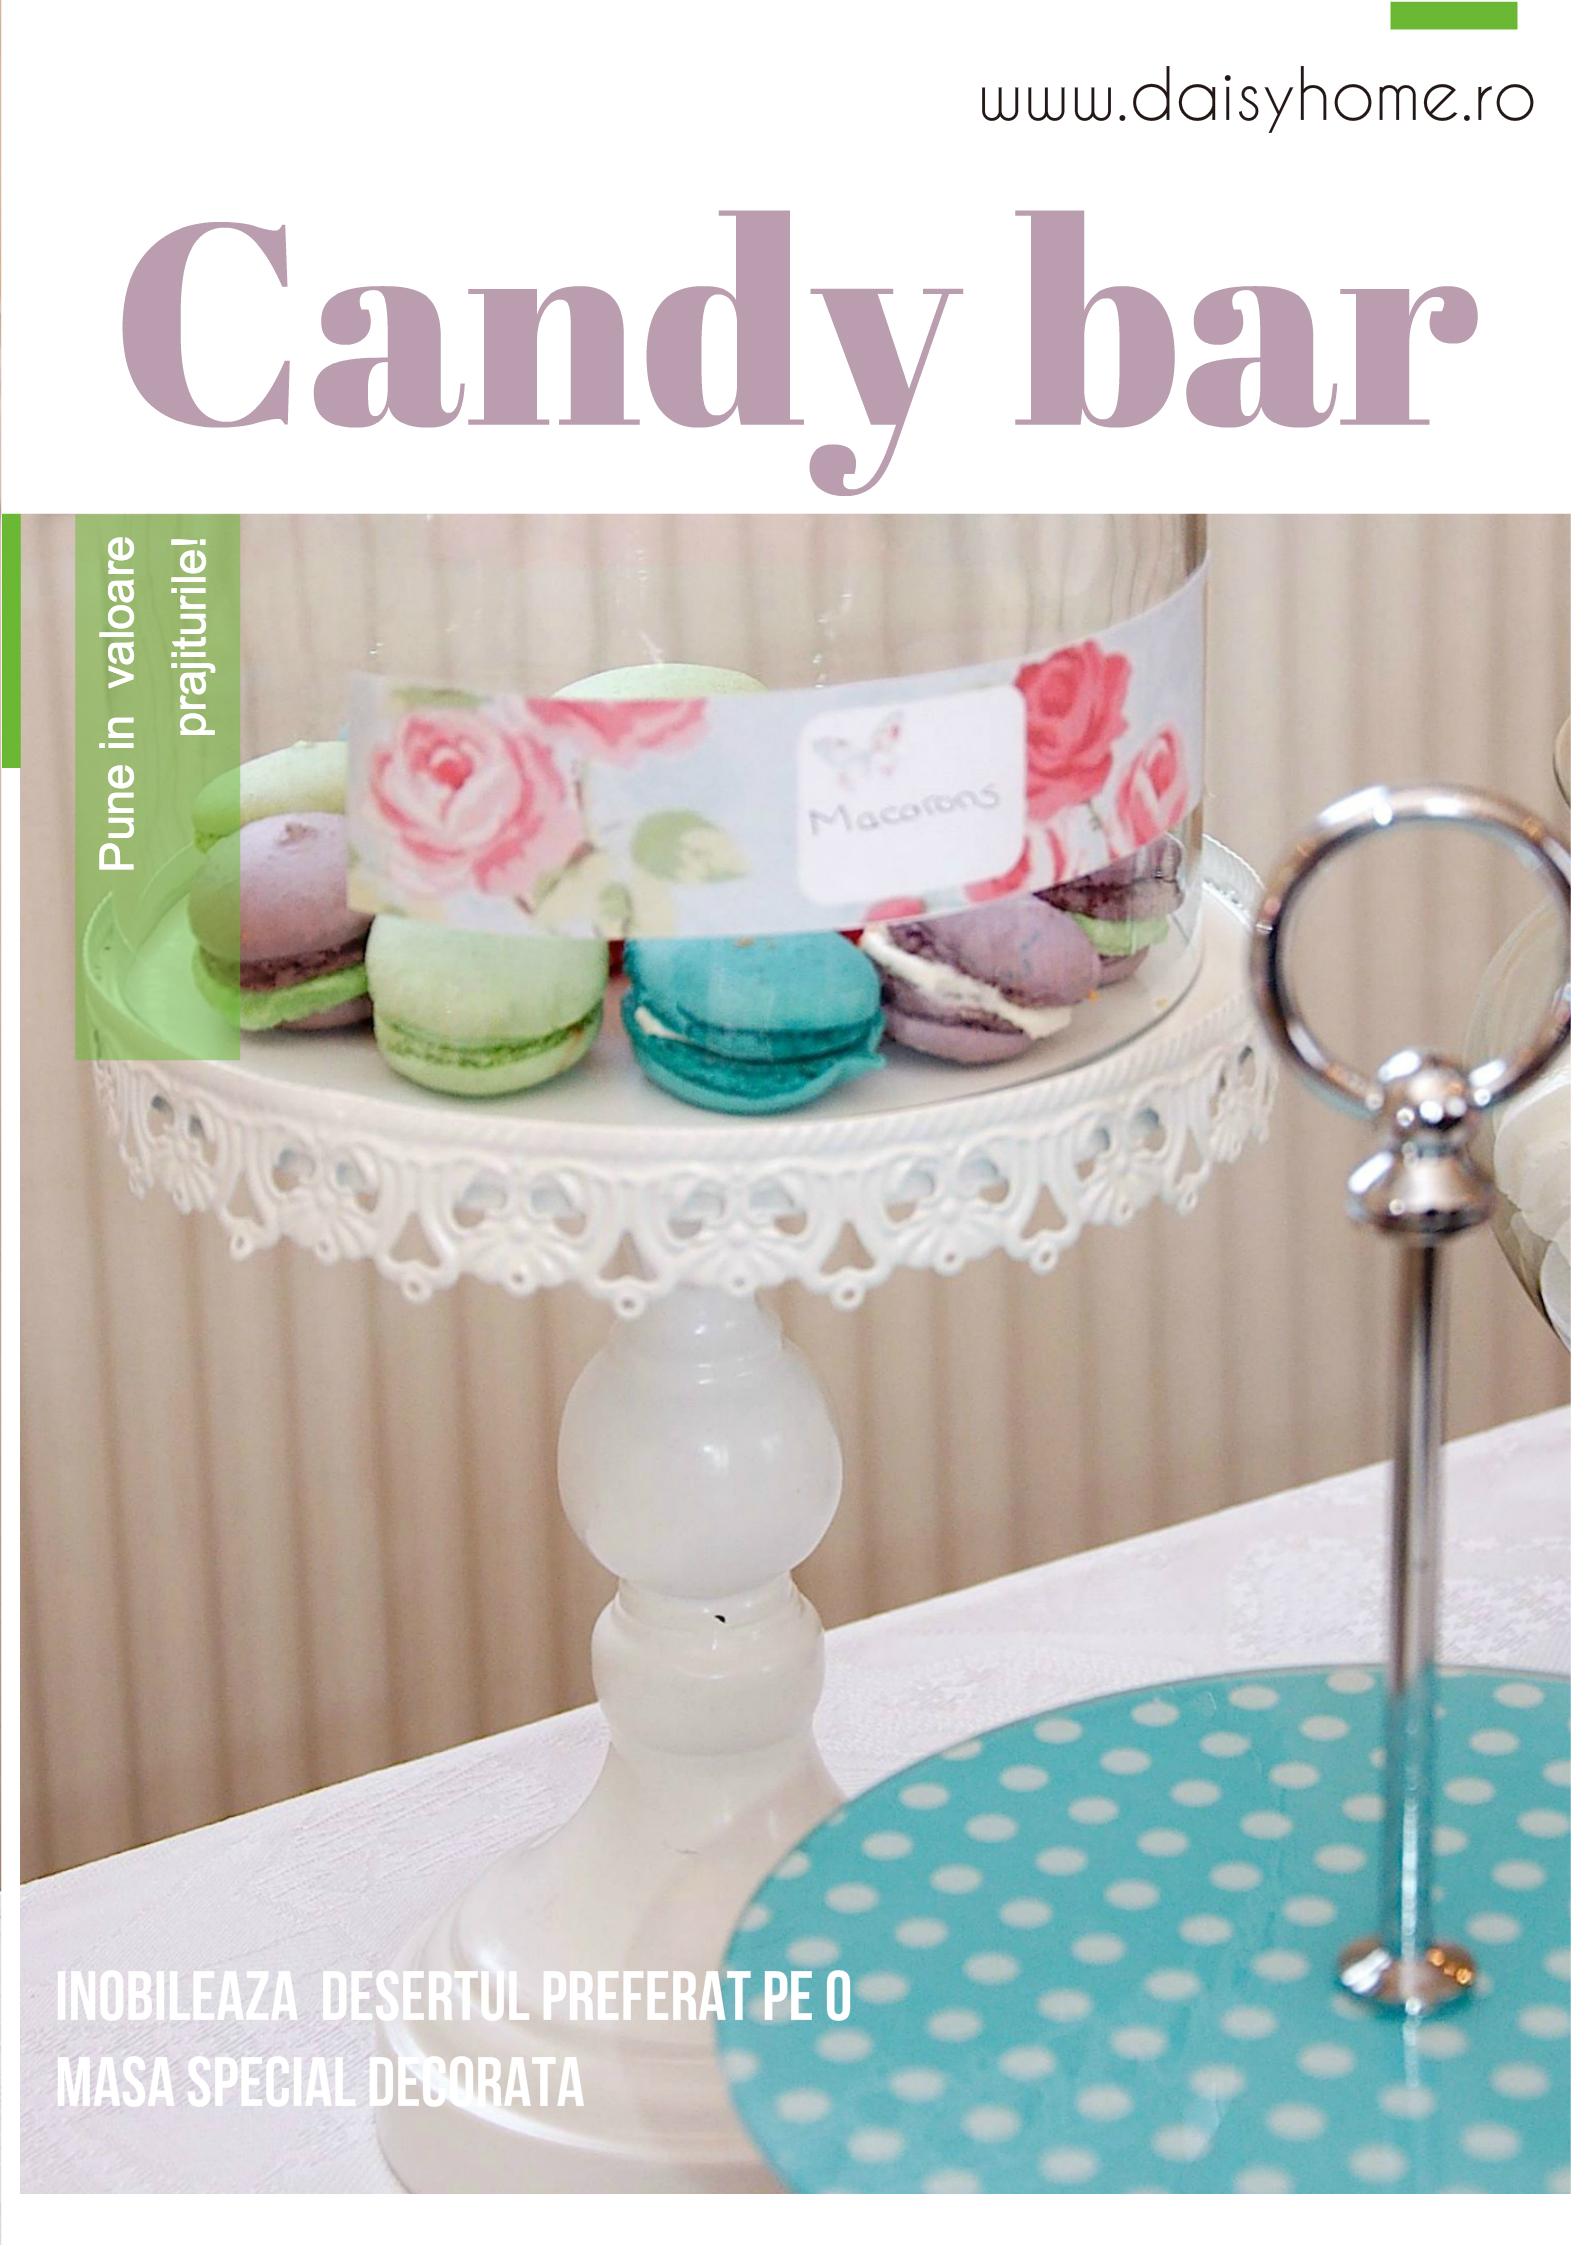 Candy bar infloritor